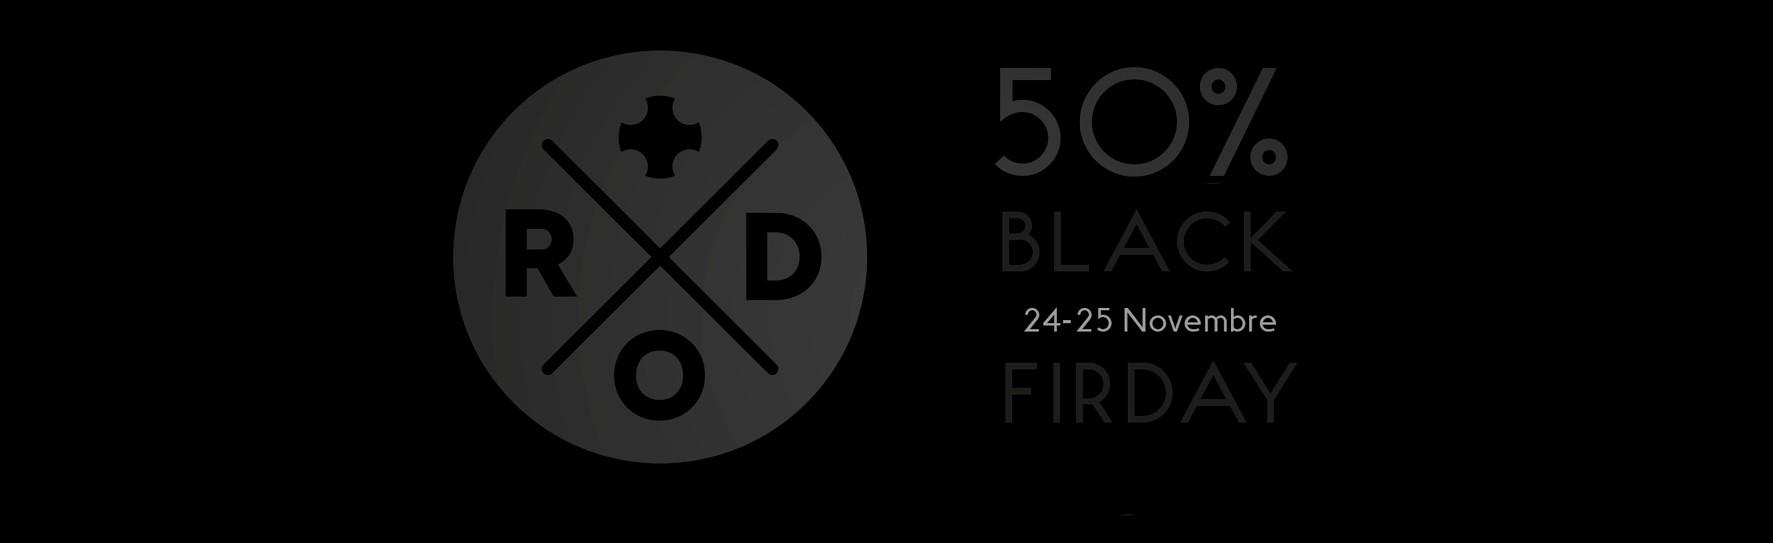 BLACK FRIDAY code: 50offBLACKFRIDAY